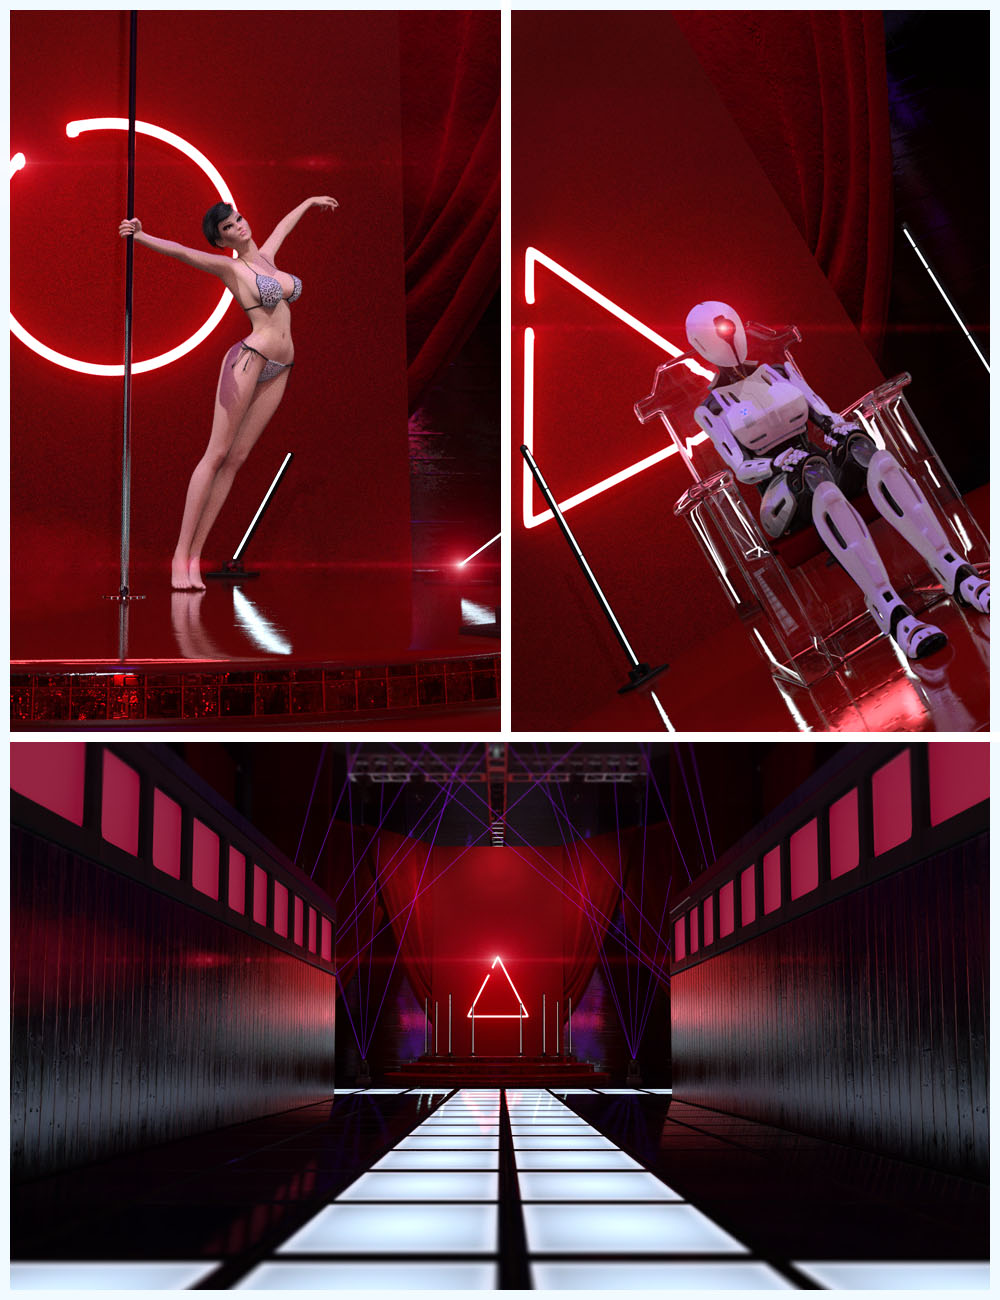 Techno Render Room by: Studio360, 3D Models by Daz 3D